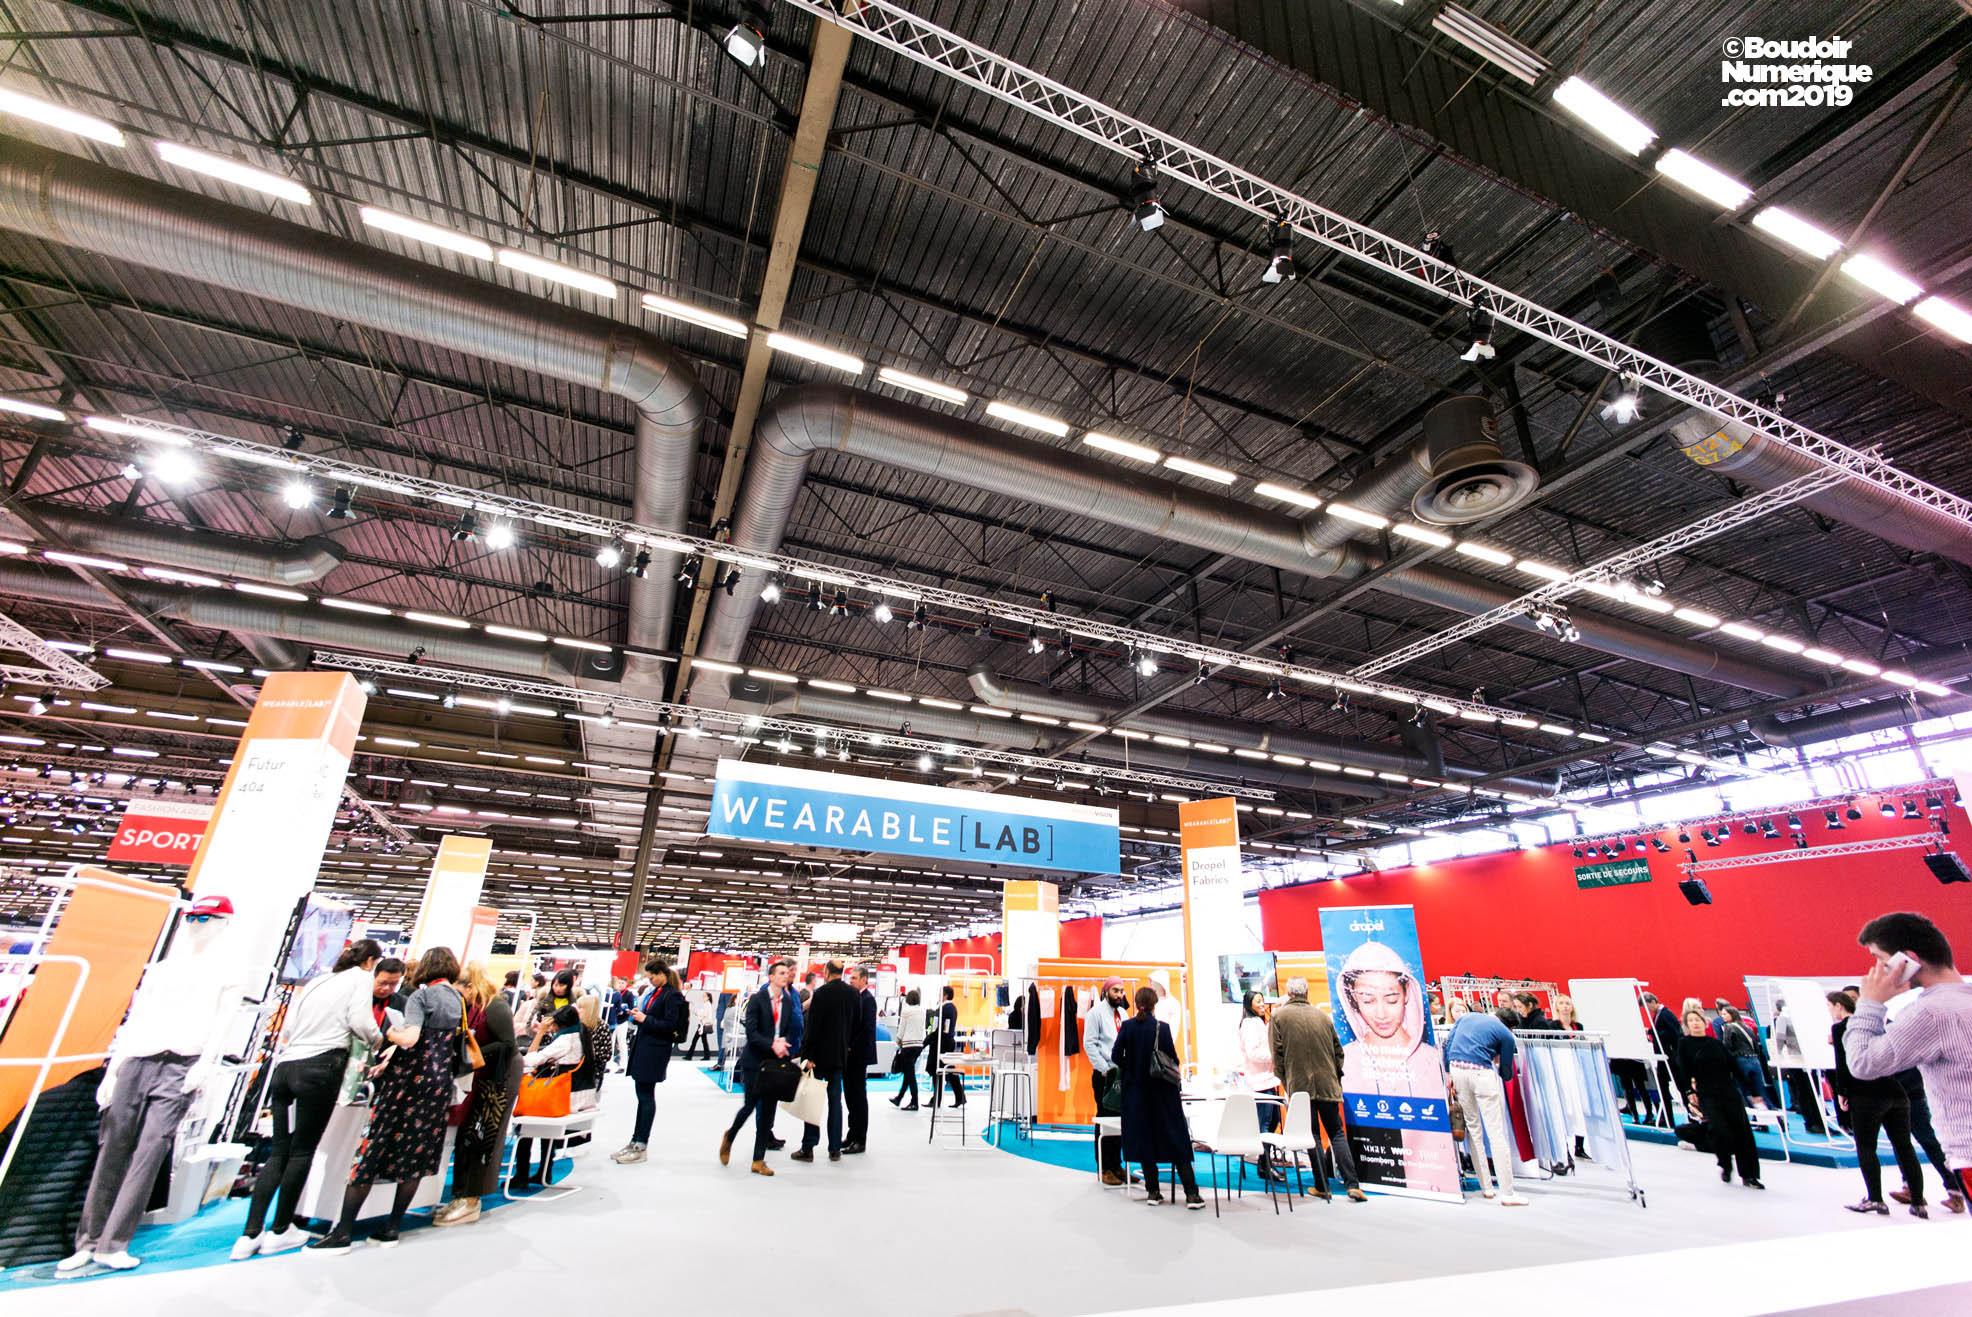 La 3e édition de l'espace Wearable Lab s'est déroulée, à l'occasion du salon Première Vision Paris, du 12 au 14 février 2019, au Parc des Expositions de Villepinte.